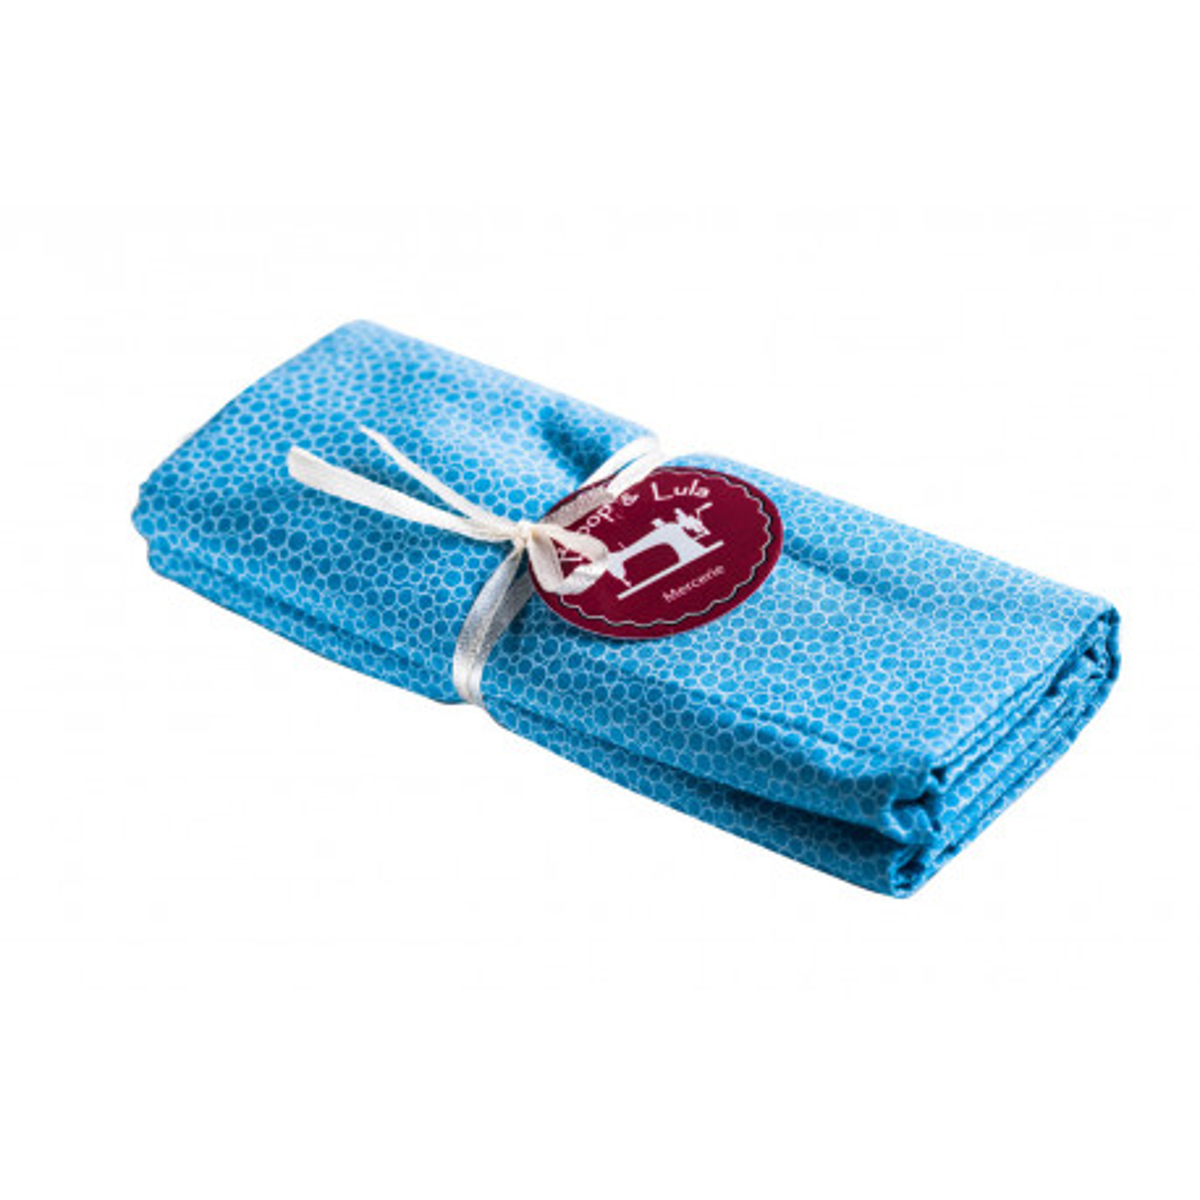 Coupon tissu Blue bubble